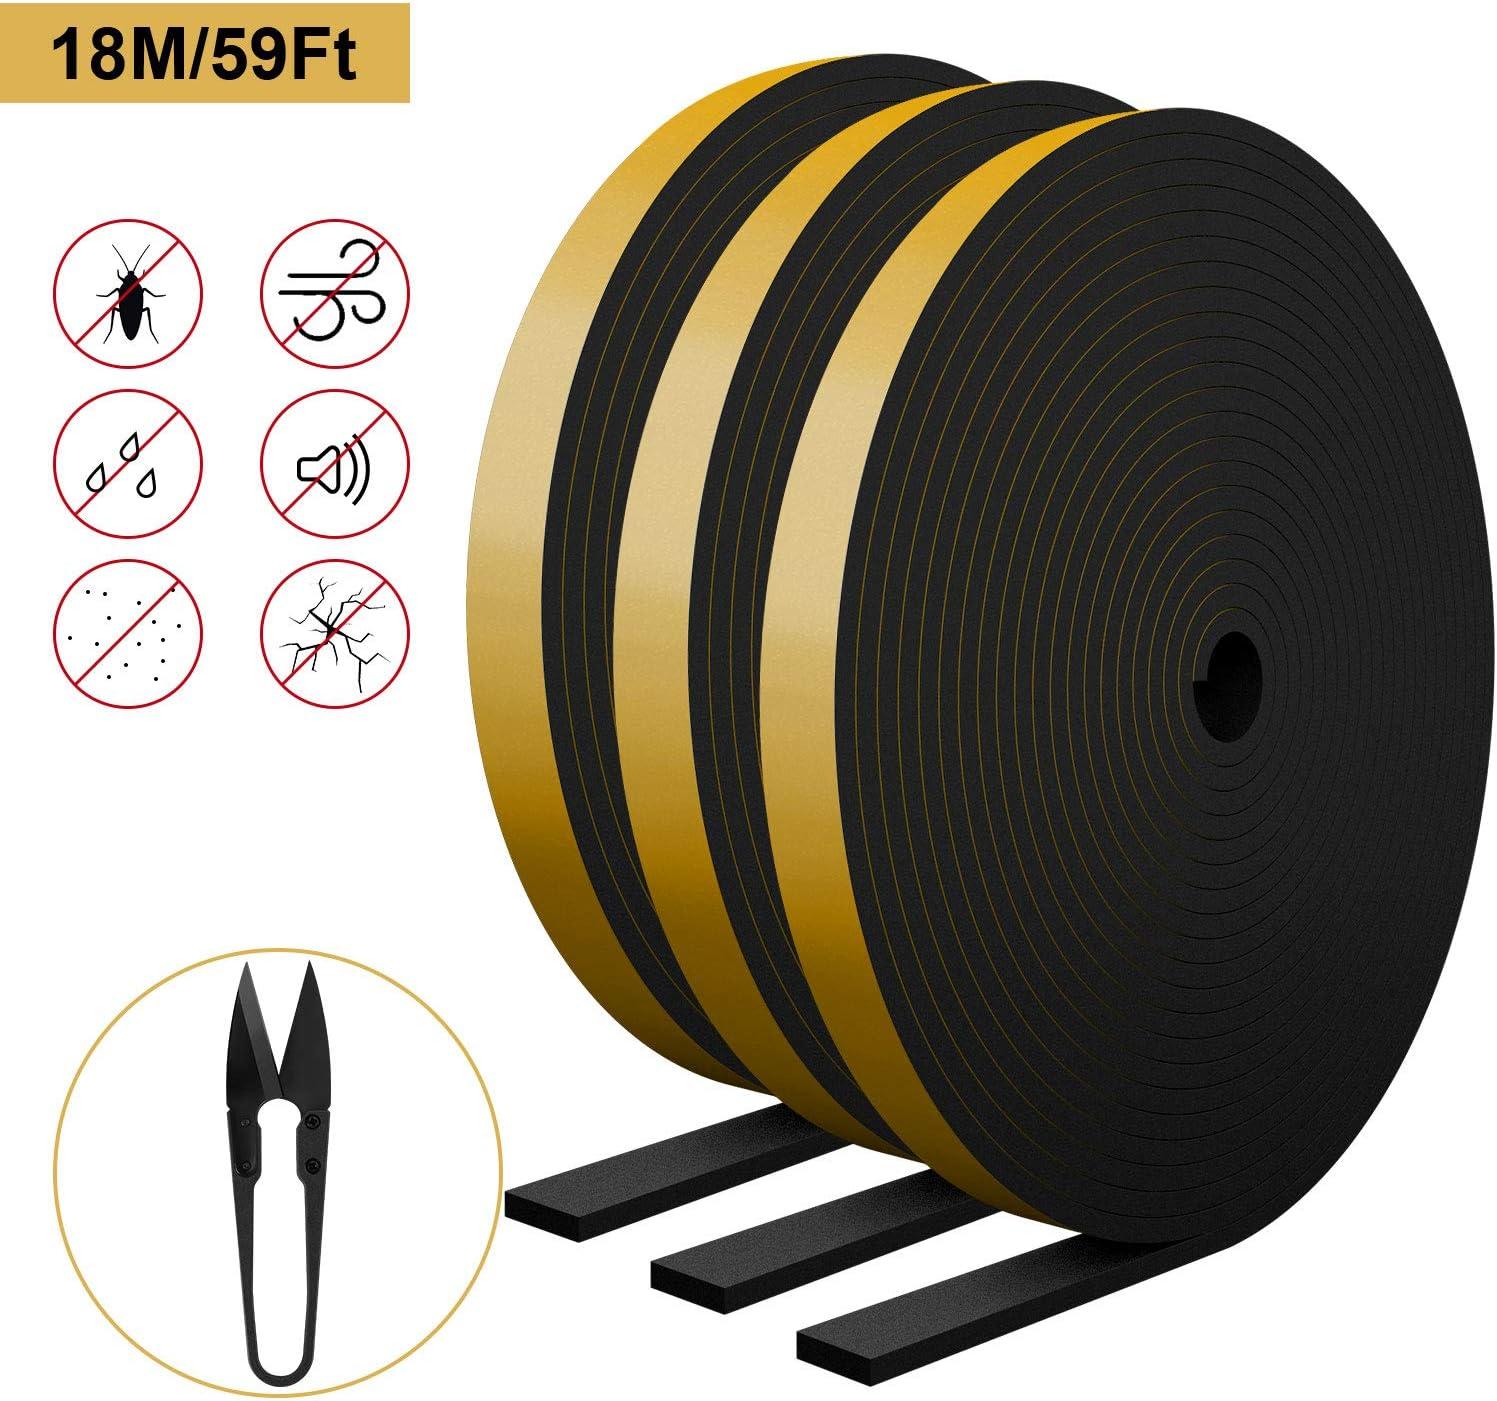 RATEL Tira de Sellado Junta 12 mm (W) * 3 mm (H) * 18 m (L) con Tijeras * 1, Tiras de Sellado Autoadhesivas Prova di collisione y Aislamiento Acústico para Grietas y Espacios (Negro)